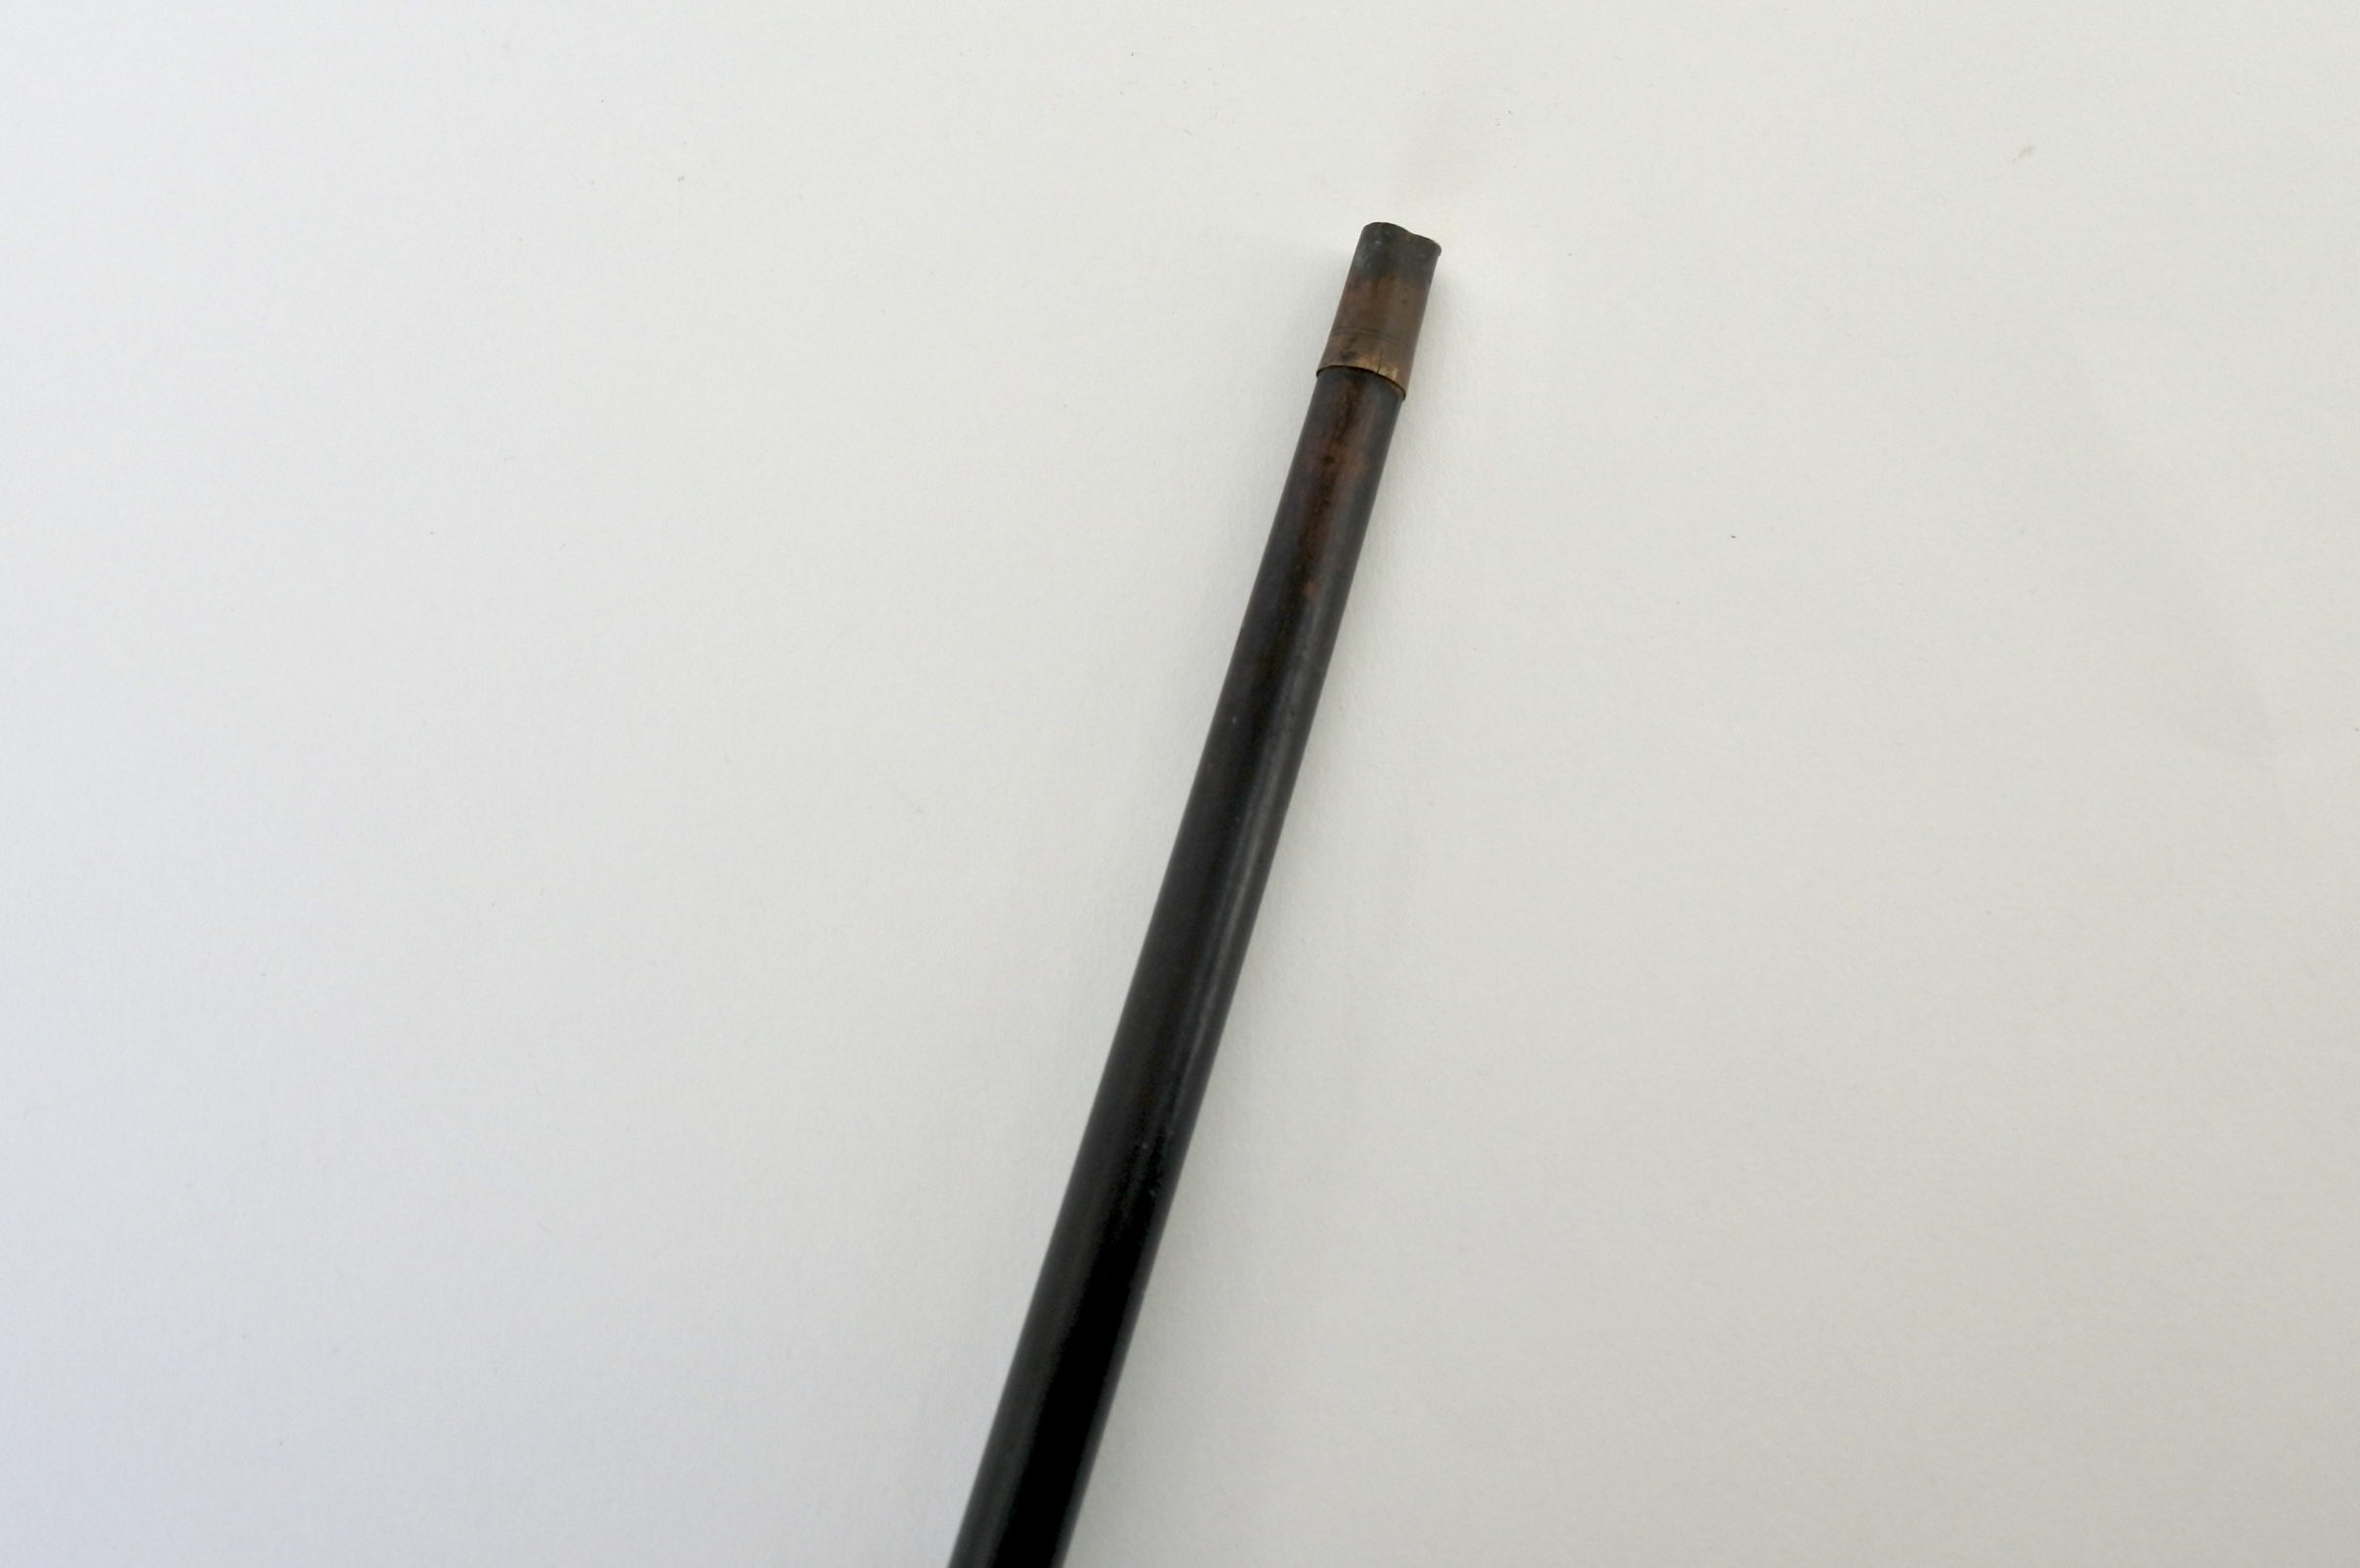 Bastone con impugnatura in metallo argentato a forma di mano con pistola - 5